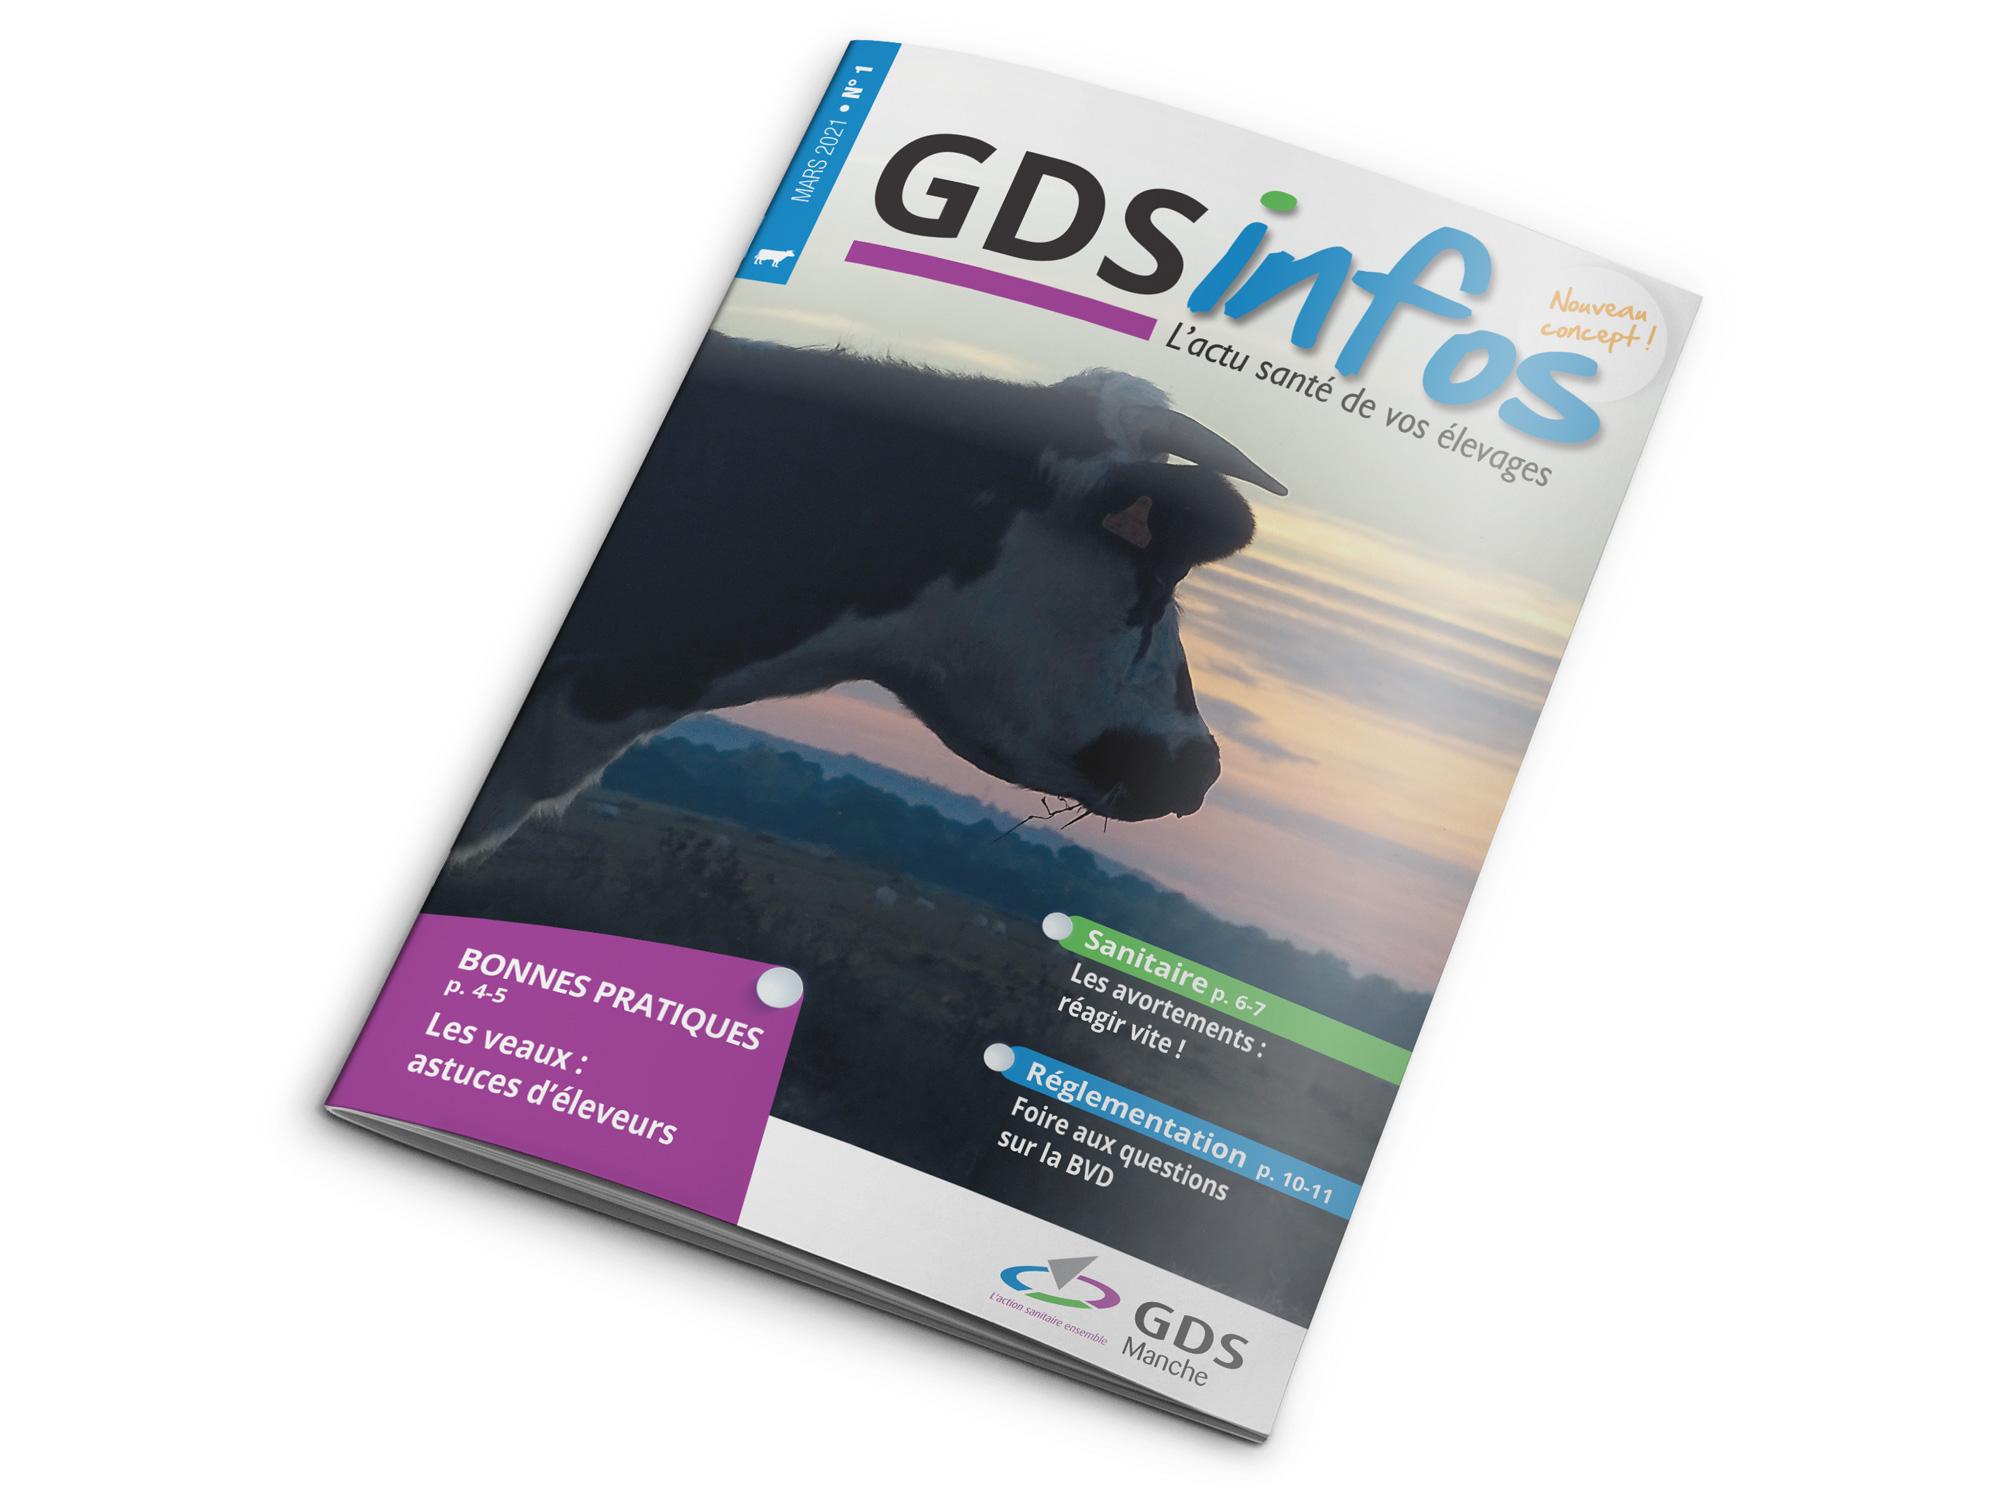 Magazine GDS Infos réalisé par l'imprimerie NII